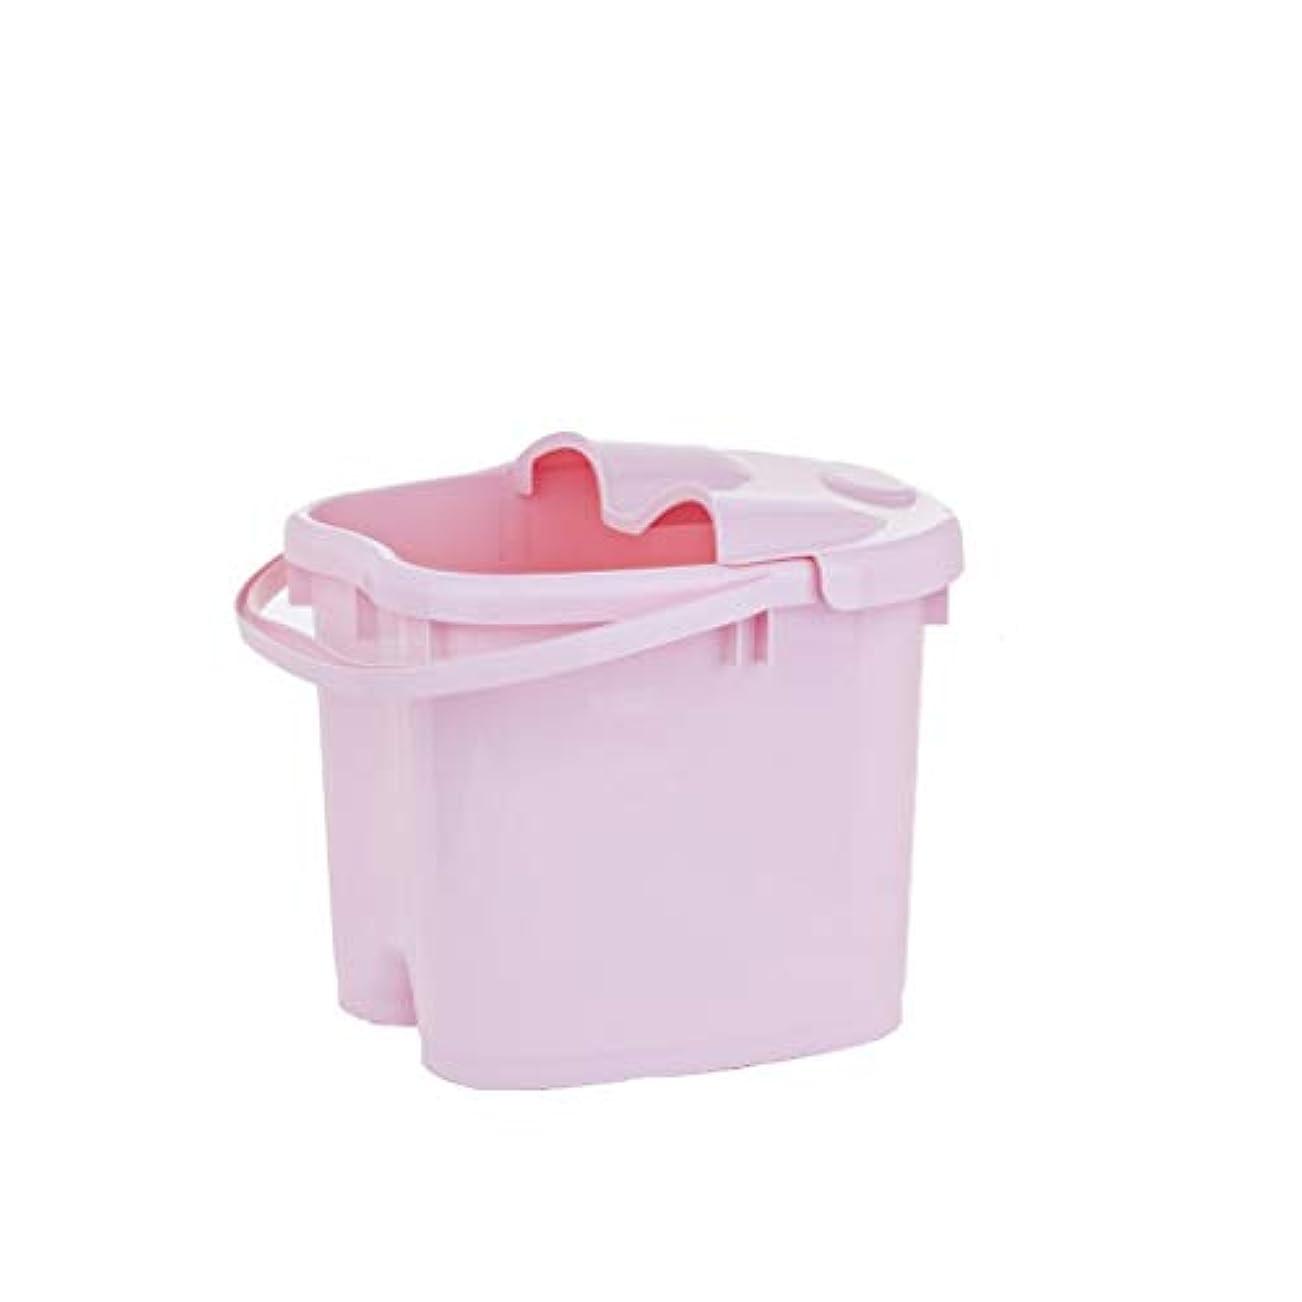 抑圧黒板閲覧するフットバスバレル - ?AMTシンプルな和風マッサージ浴槽ポータブル足湯バケツプラスチック付きふた保温足浴槽リラックス足(色:ピンク、サイズさいず:30.5センチメートル高いです)